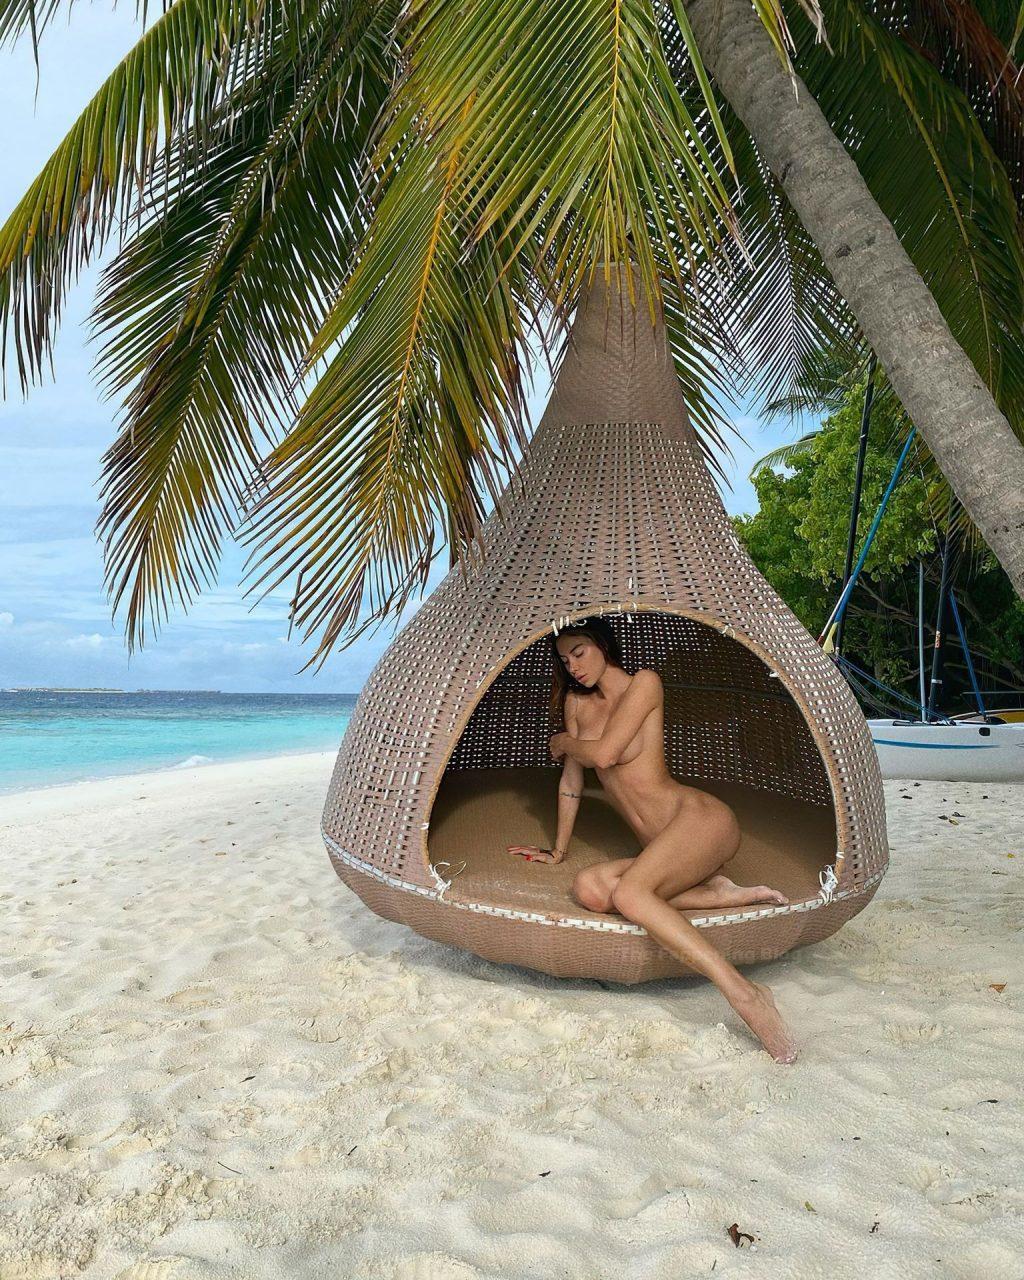 Valentina Fradegrada Poses Naked on the Beach (3 Photos)